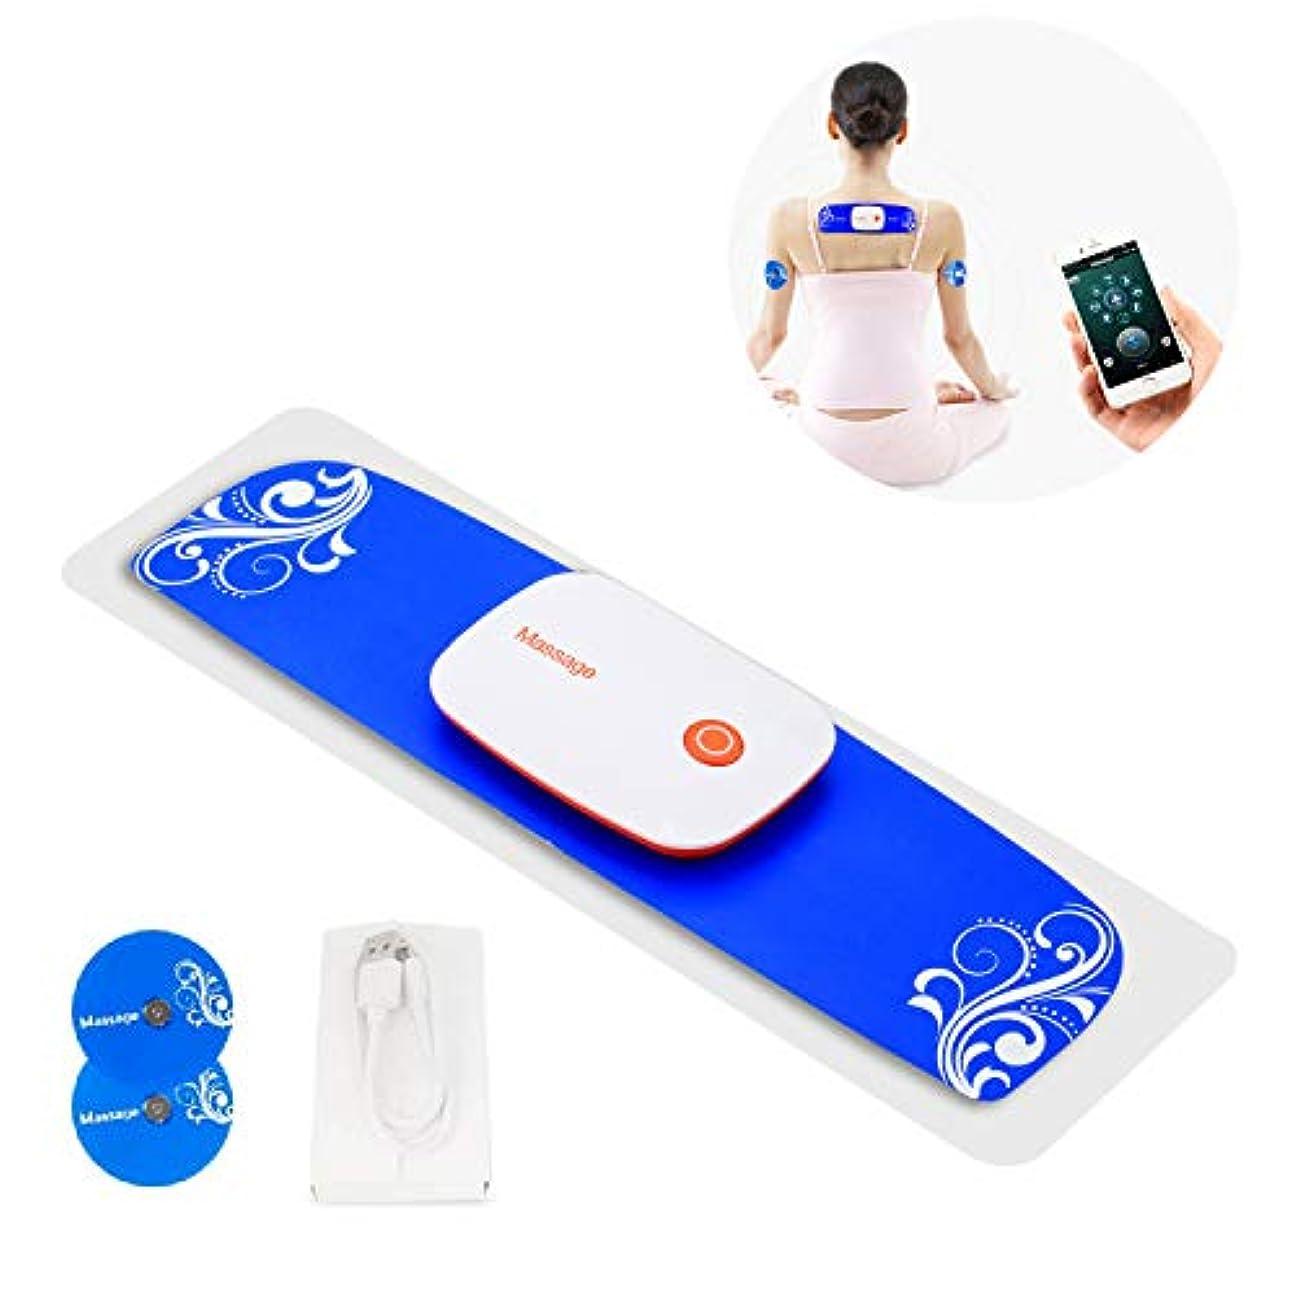 部下に揃えるミニマッサージャースマートAPPワイヤレスUSB充電式小型家庭用デジタル経絡ポータブルミニ子宮頸部マッサージの家庭用手順